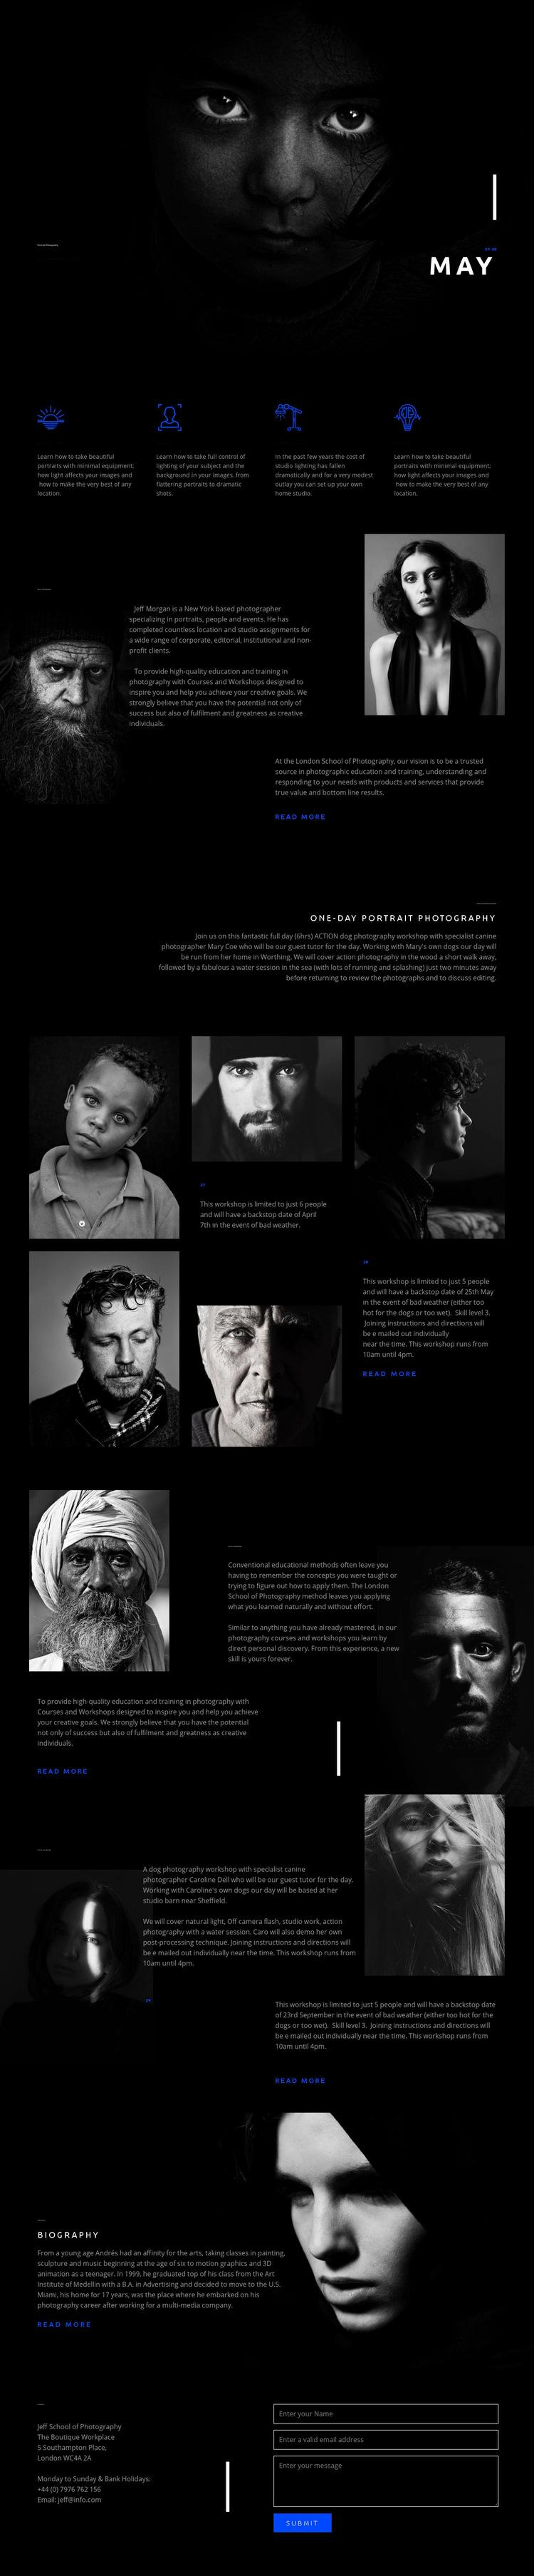 Amazing portrait art Web Page Design